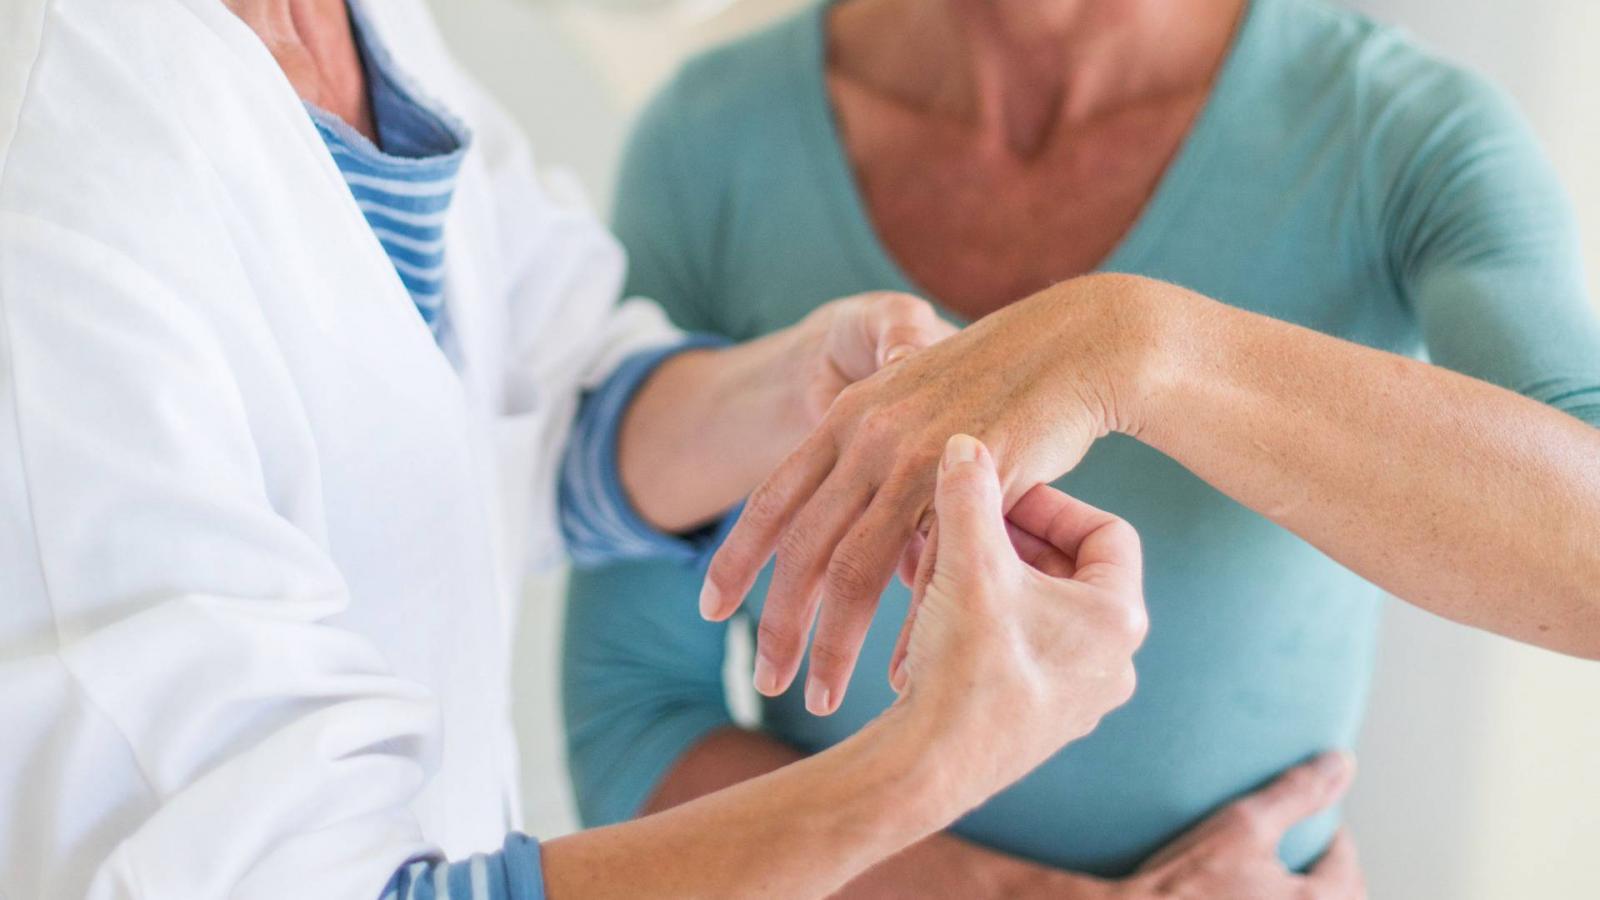 hogyan lehet kezelni az ízületi gyulladást a csuklóján)